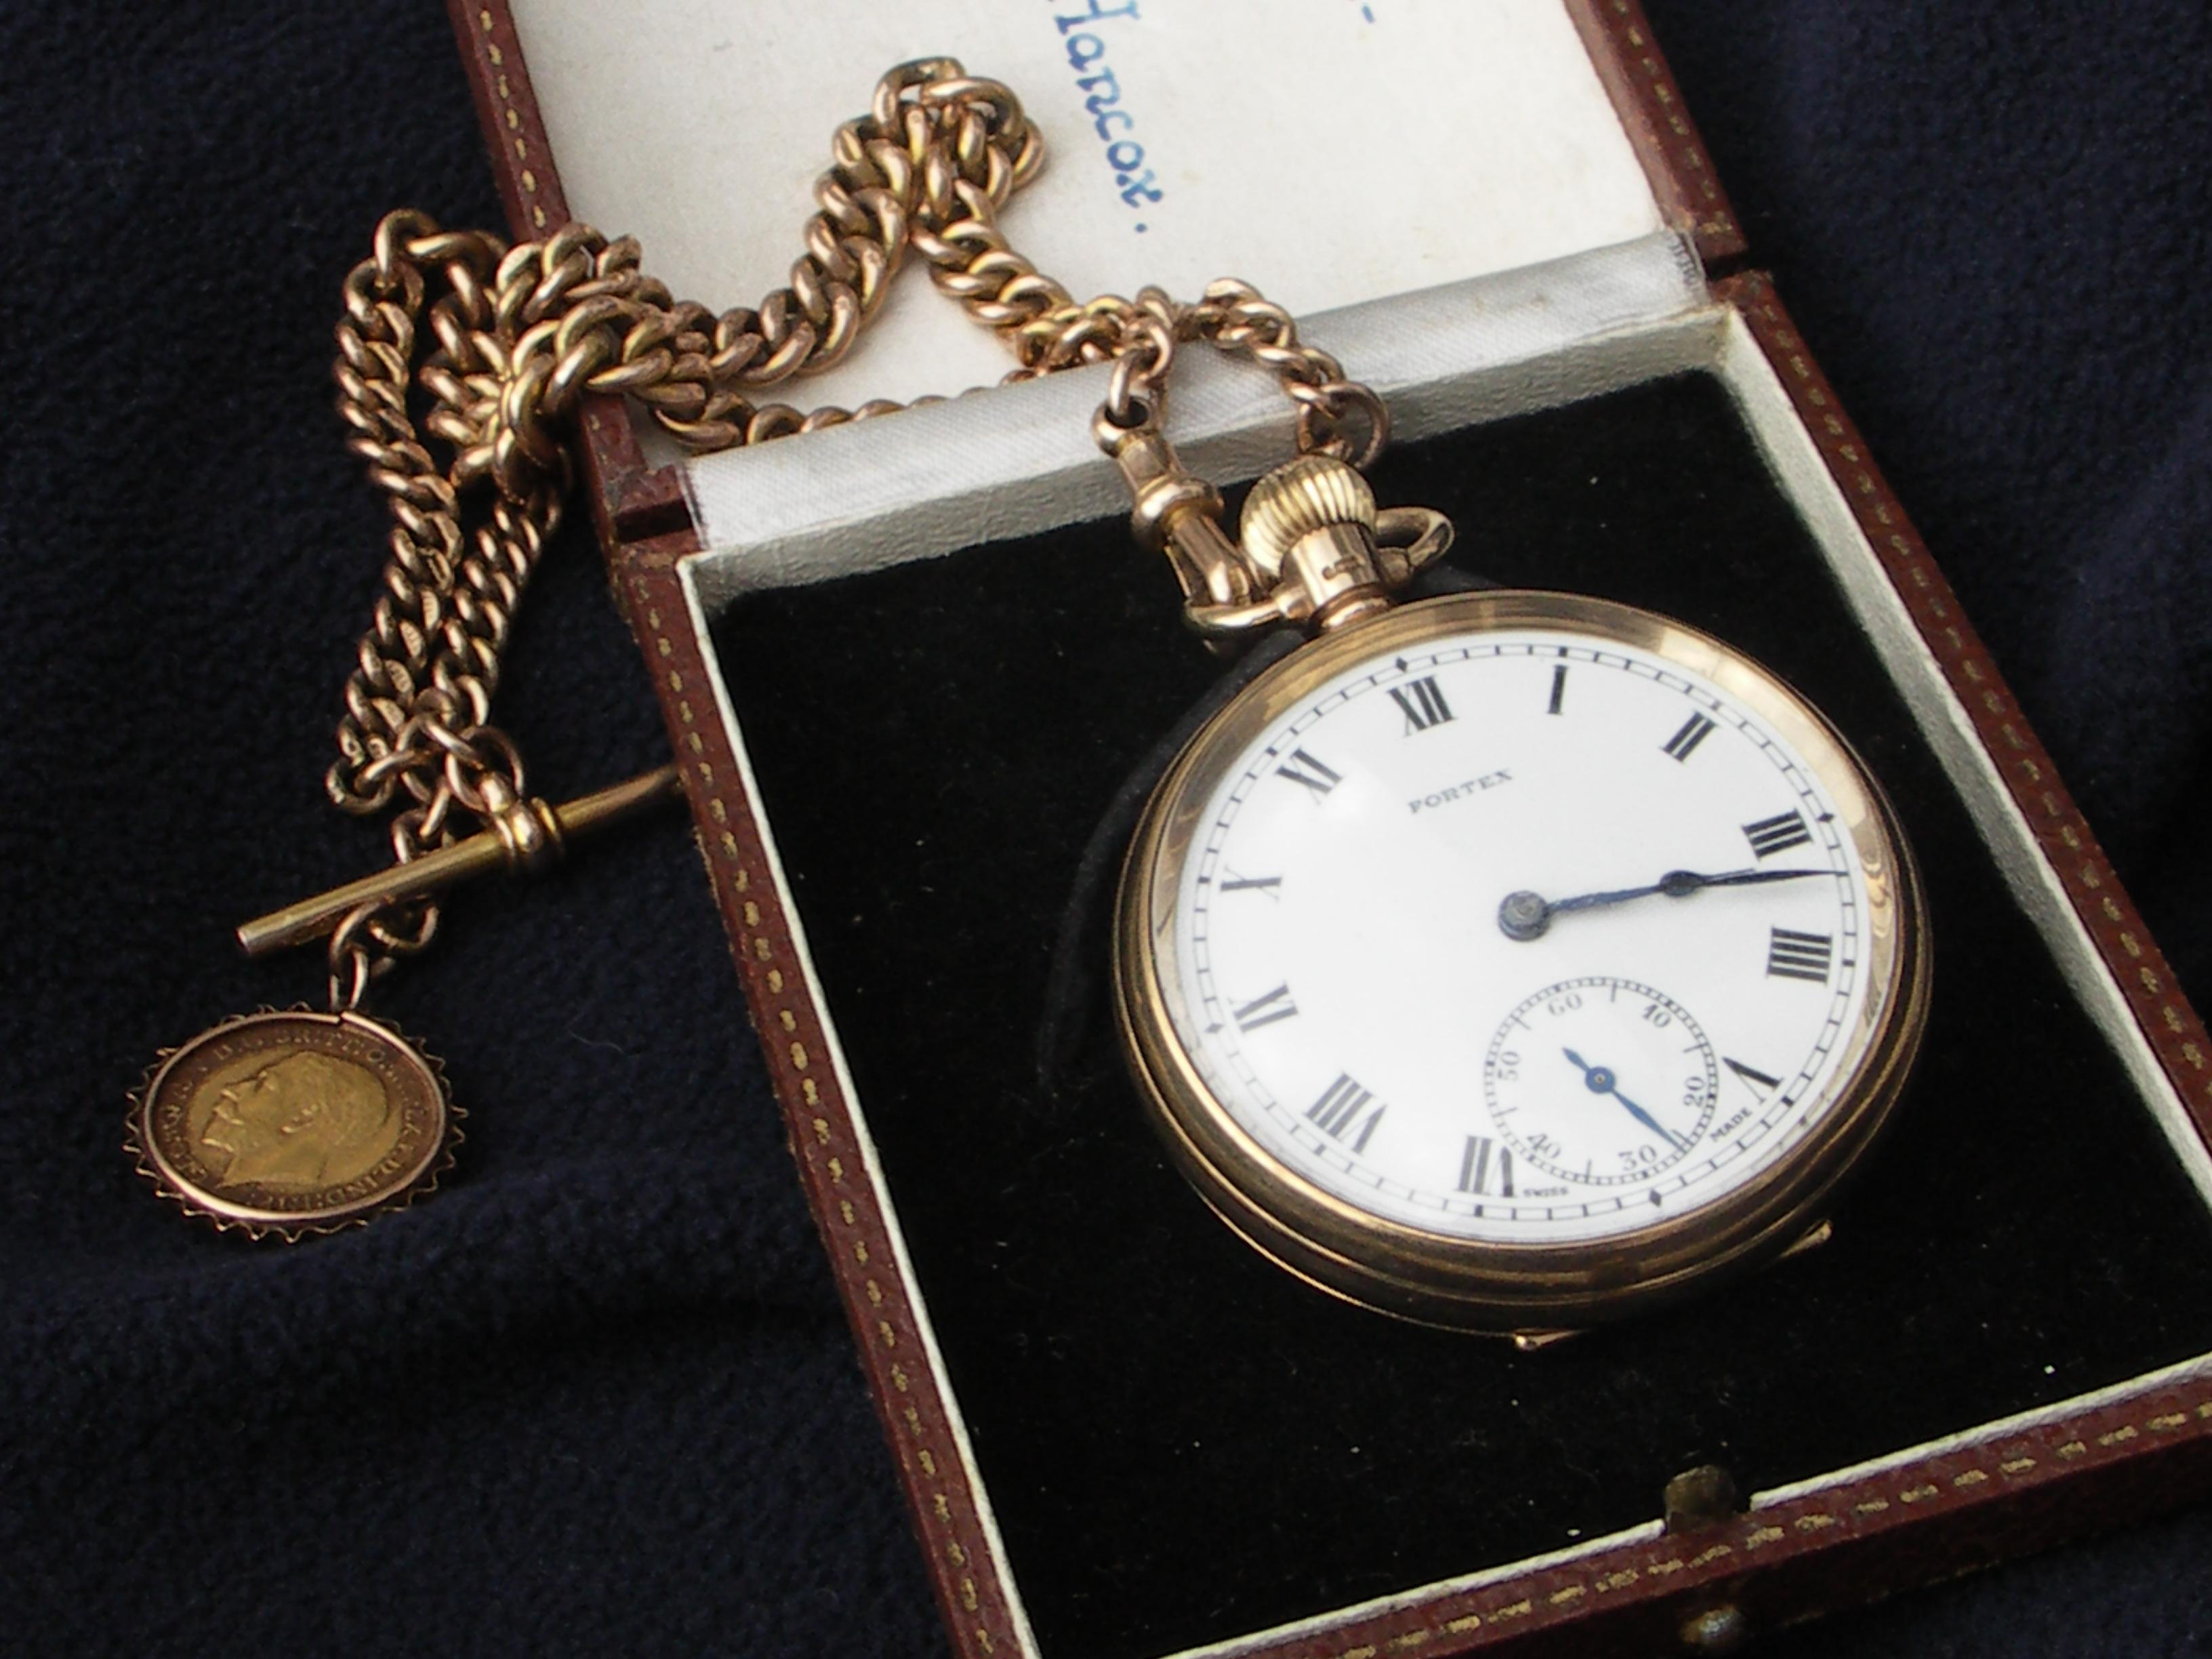 Soixante-quinze ans après, il reçoit par la poste la montre de son père volée par les nazis — Haute-Savoie